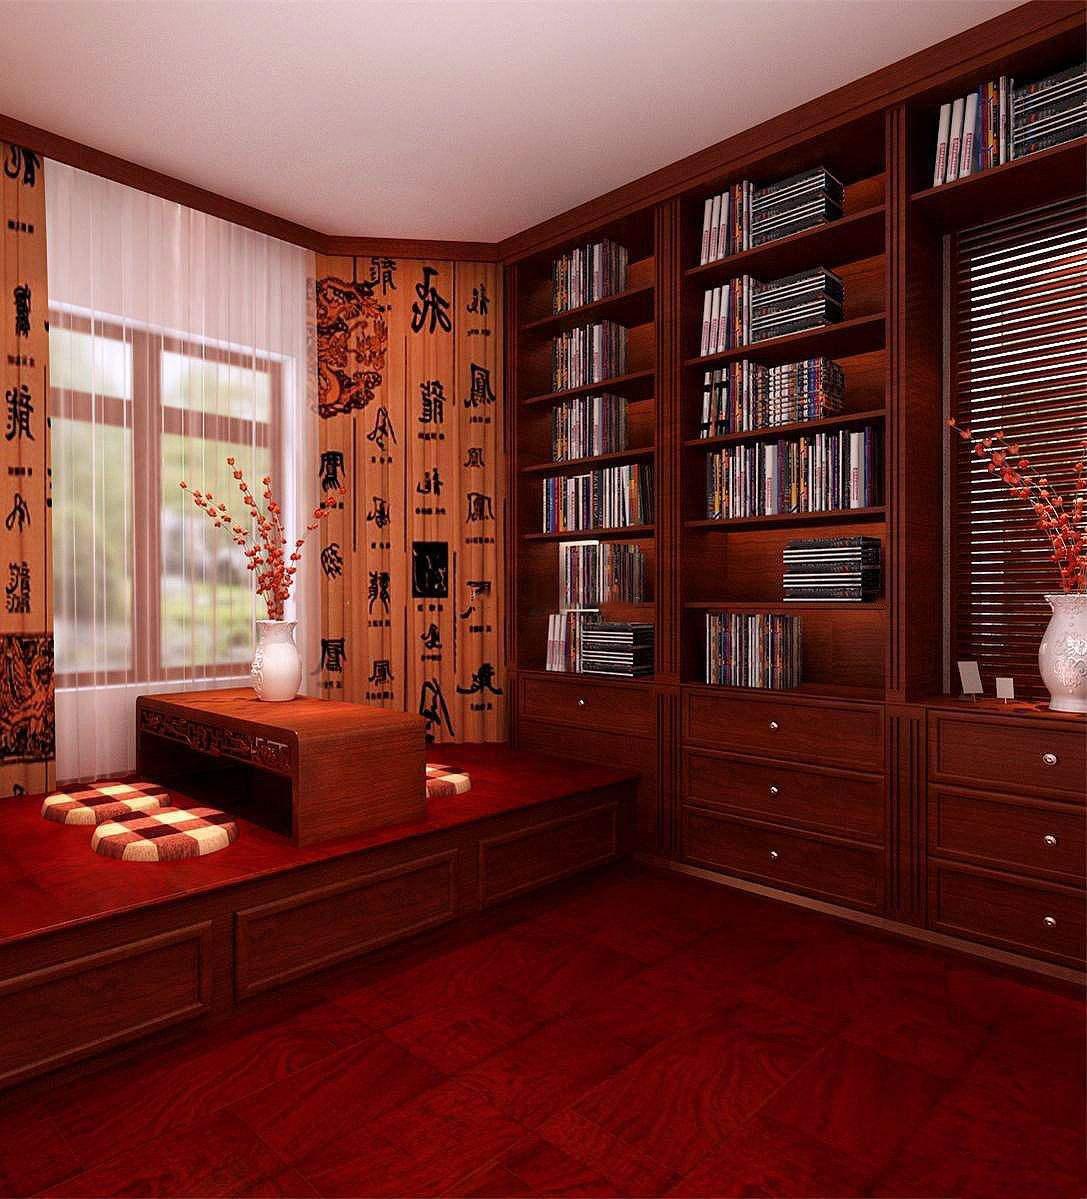 现代中式榻榻米装修效果图欣赏,中式书房榻榻米装修效果图